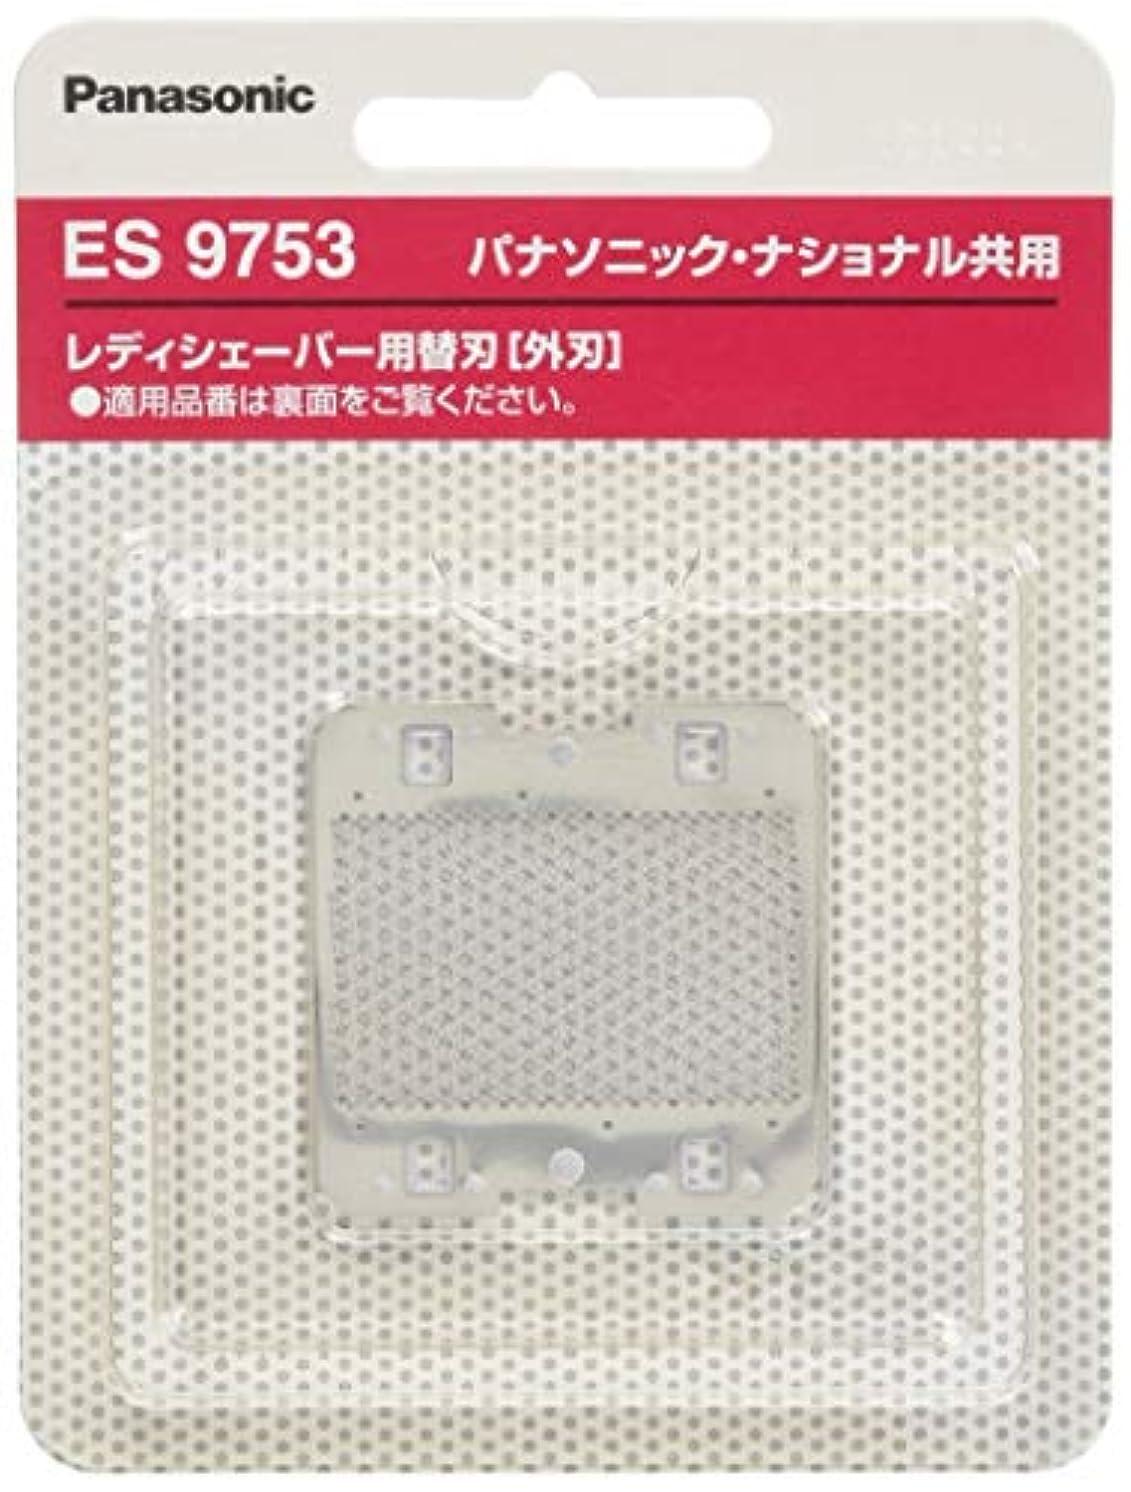 興奮する思慮深い世紀Panasonic レディシェーバー用替刃 ES9753